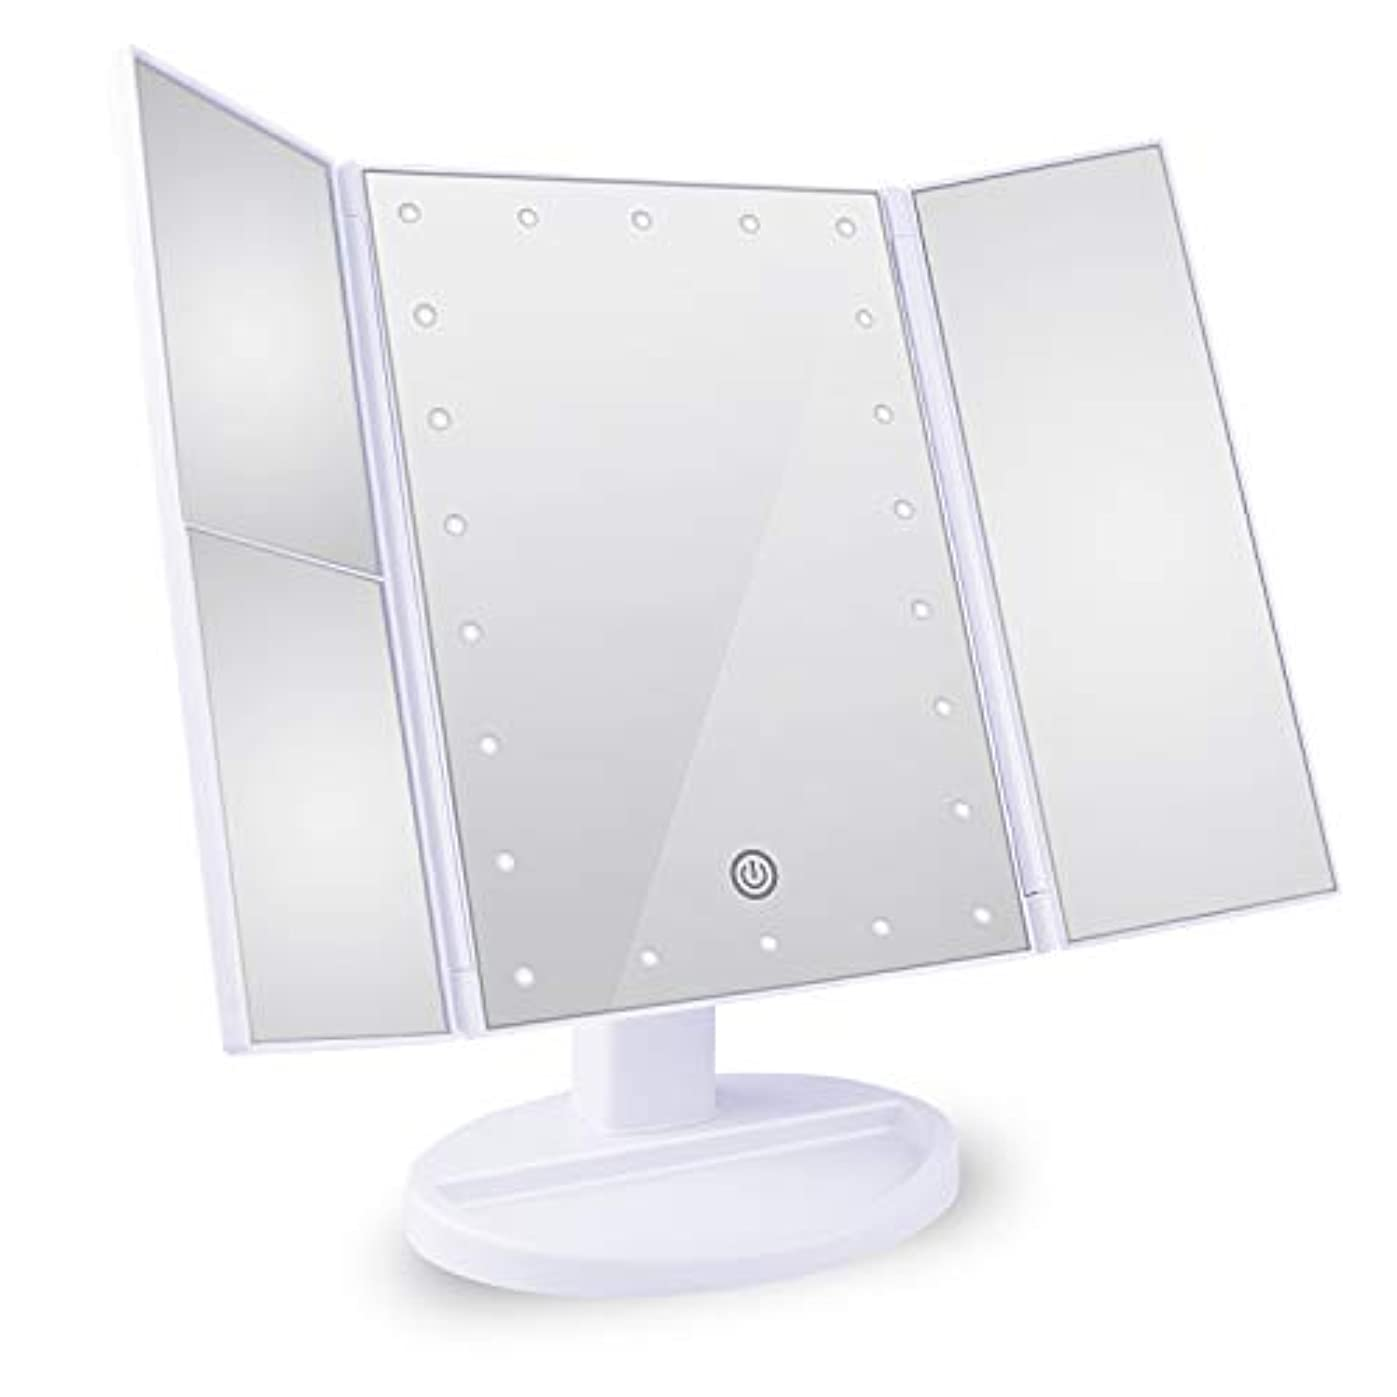 マウンド細い不誠実Tree. NB 化粧鏡 卓上鏡 拡大鏡 鏡 メイクミラー 2倍&3倍拡大可能 LEDライトミラー 明るさ調節可能 180°回転 電池&USB 2WAY給電